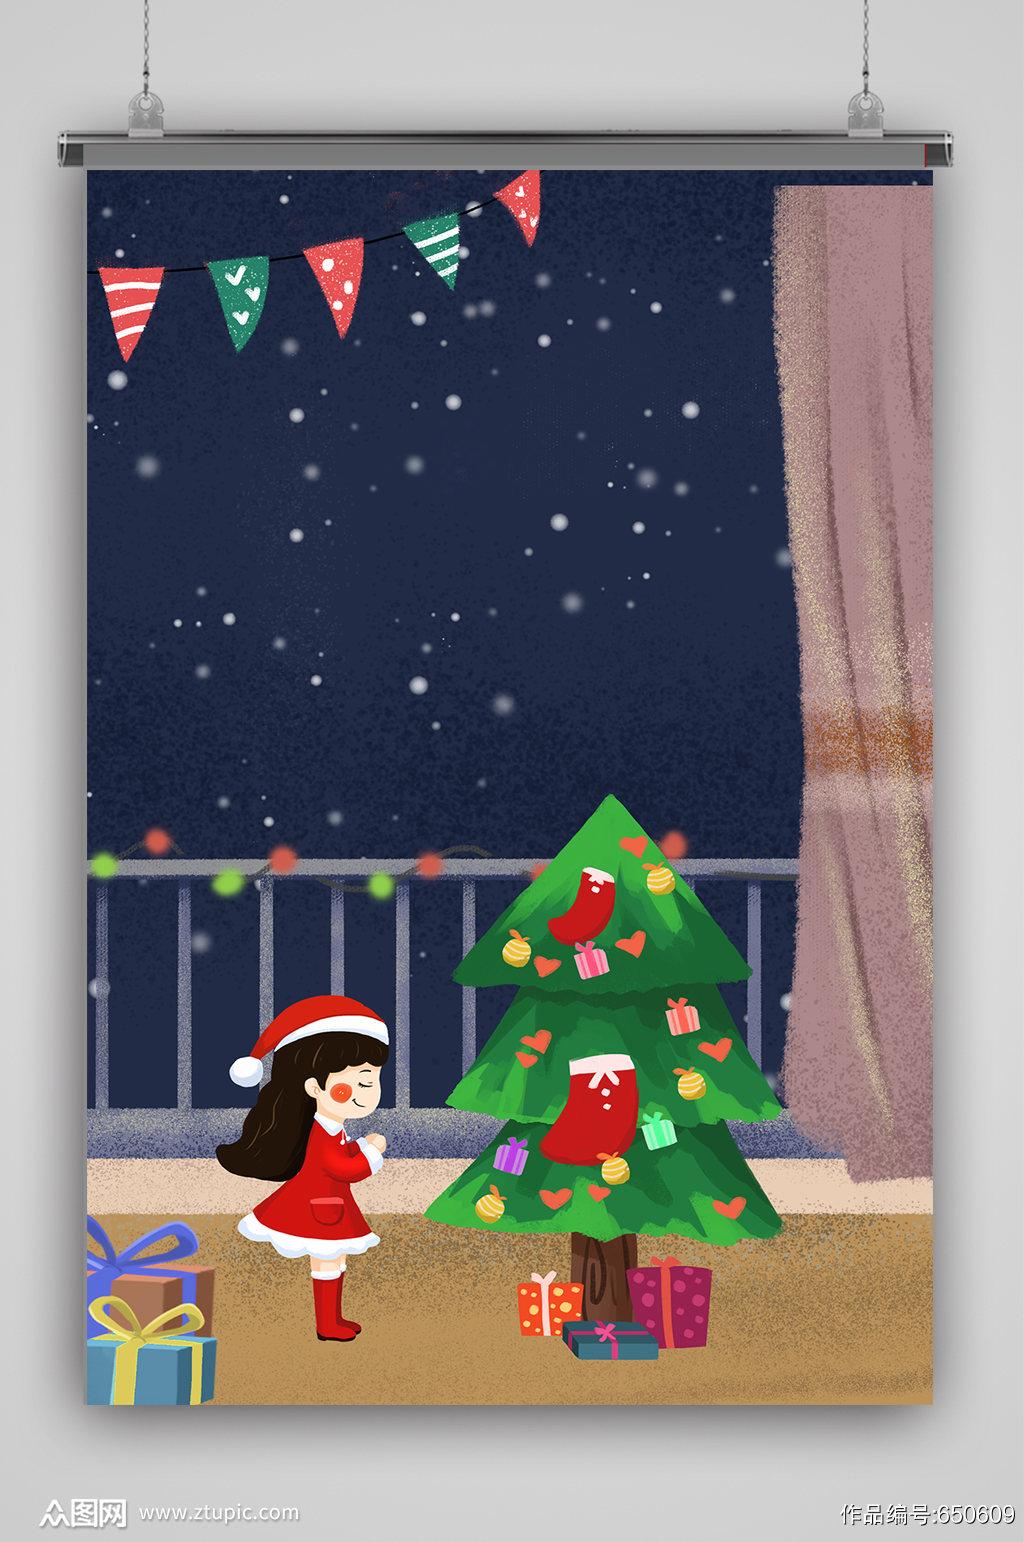 卡通女孩圣诞节派对海报背景素材